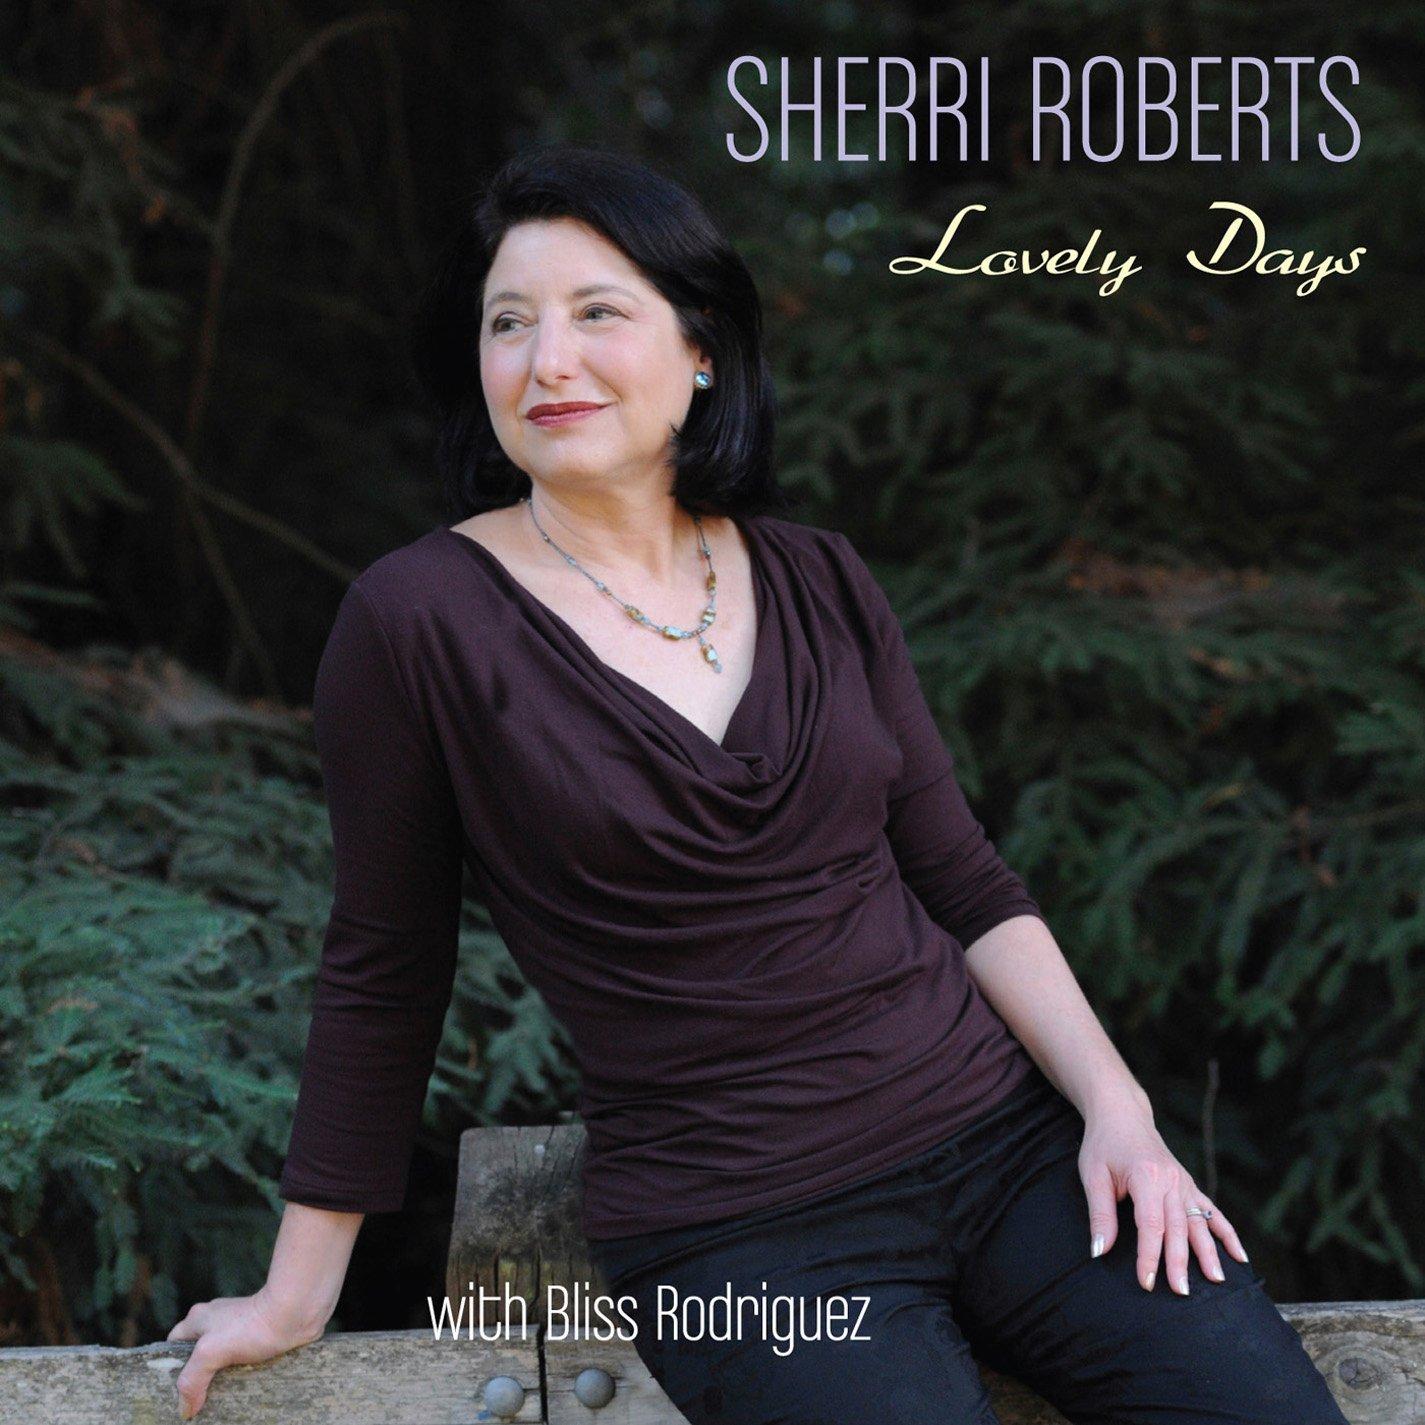 SHERRI ROBERTS - Lovely Days cover